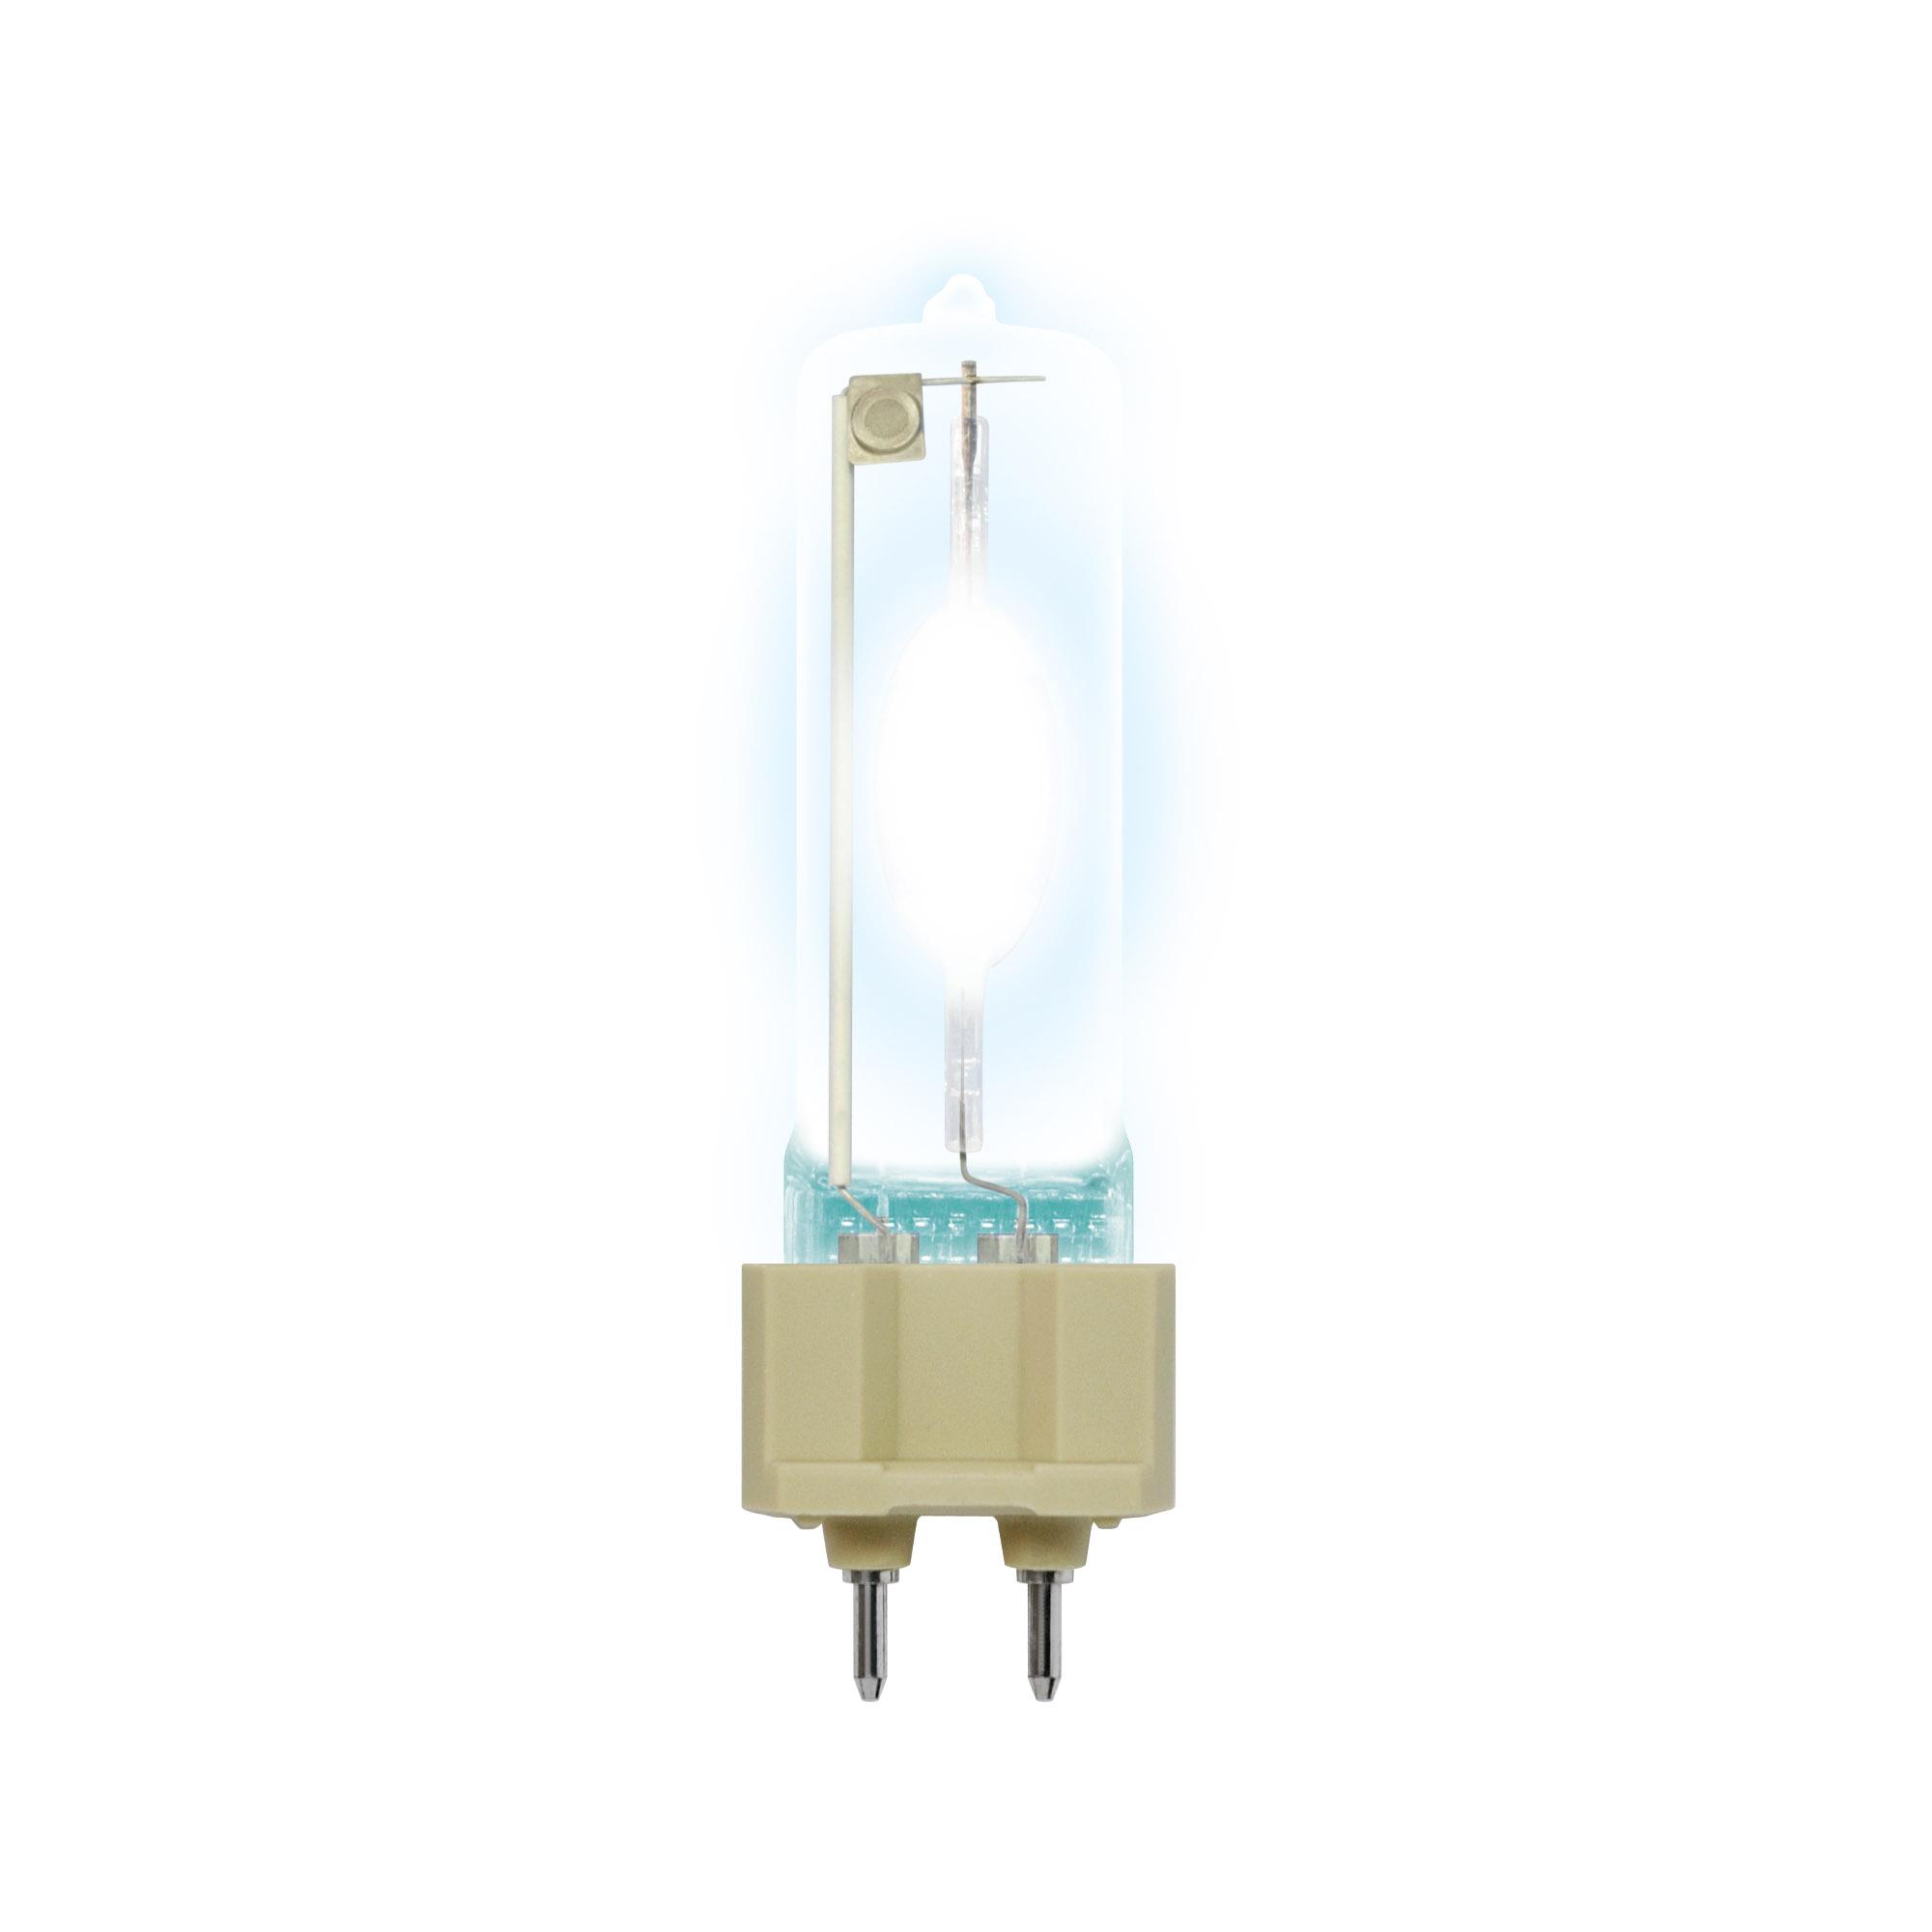 Лампа газоразрядная Uniel Mh-se-150/3300/g12  (MH-SE-150/3300/G12 картон)